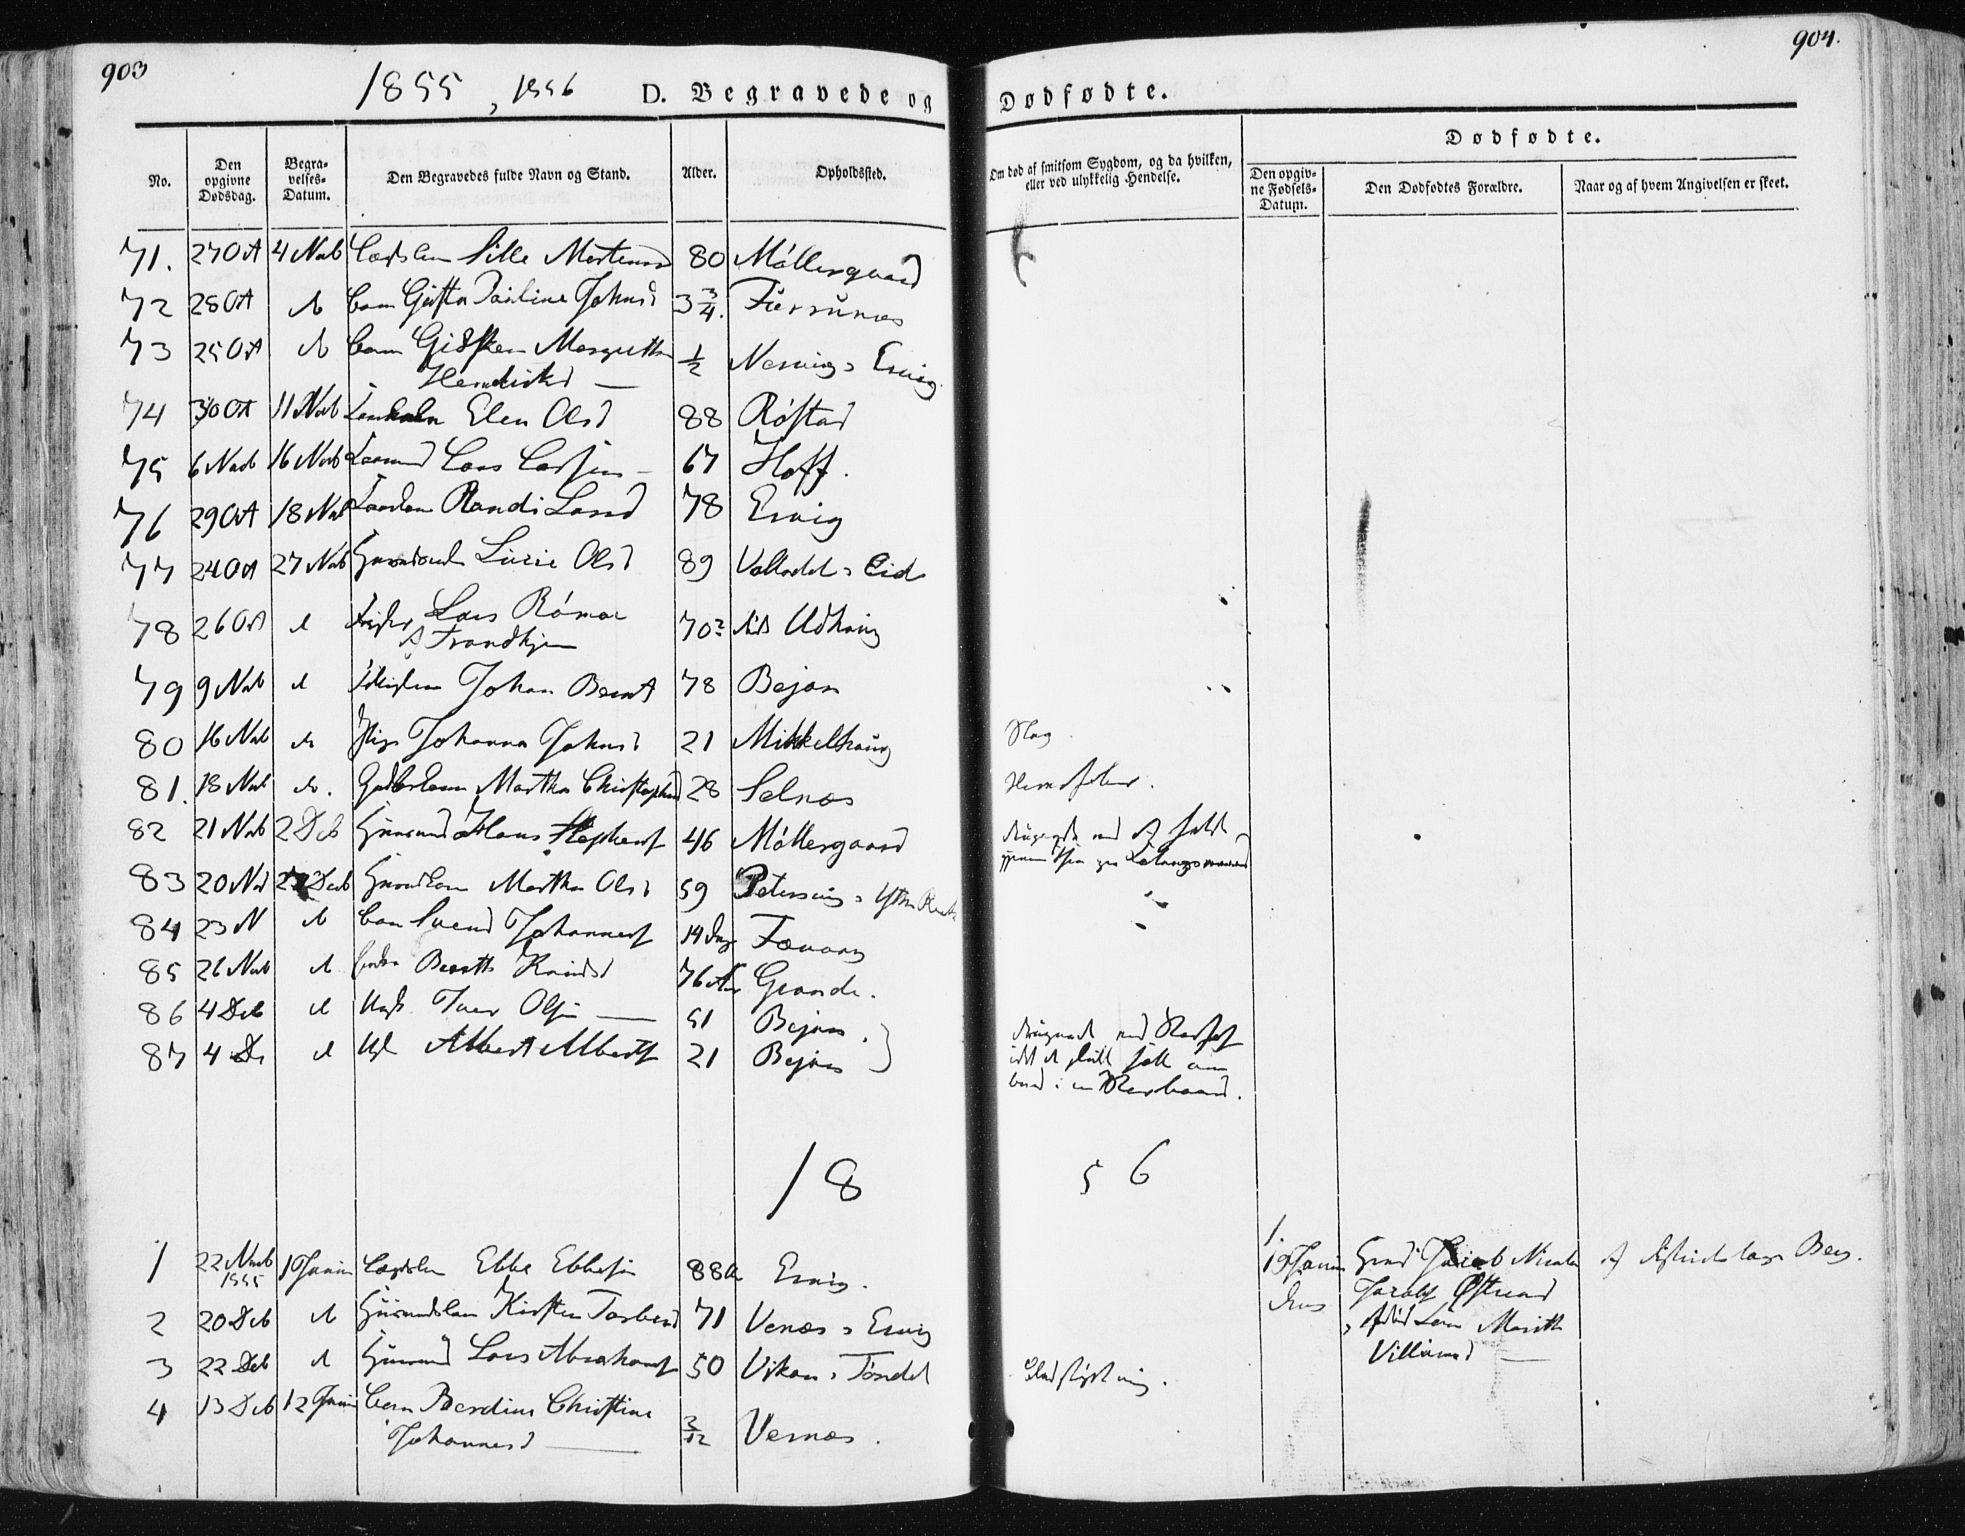 SAT, Ministerialprotokoller, klokkerbøker og fødselsregistre - Sør-Trøndelag, 659/L0736: Ministerialbok nr. 659A06, 1842-1856, s. 903-904